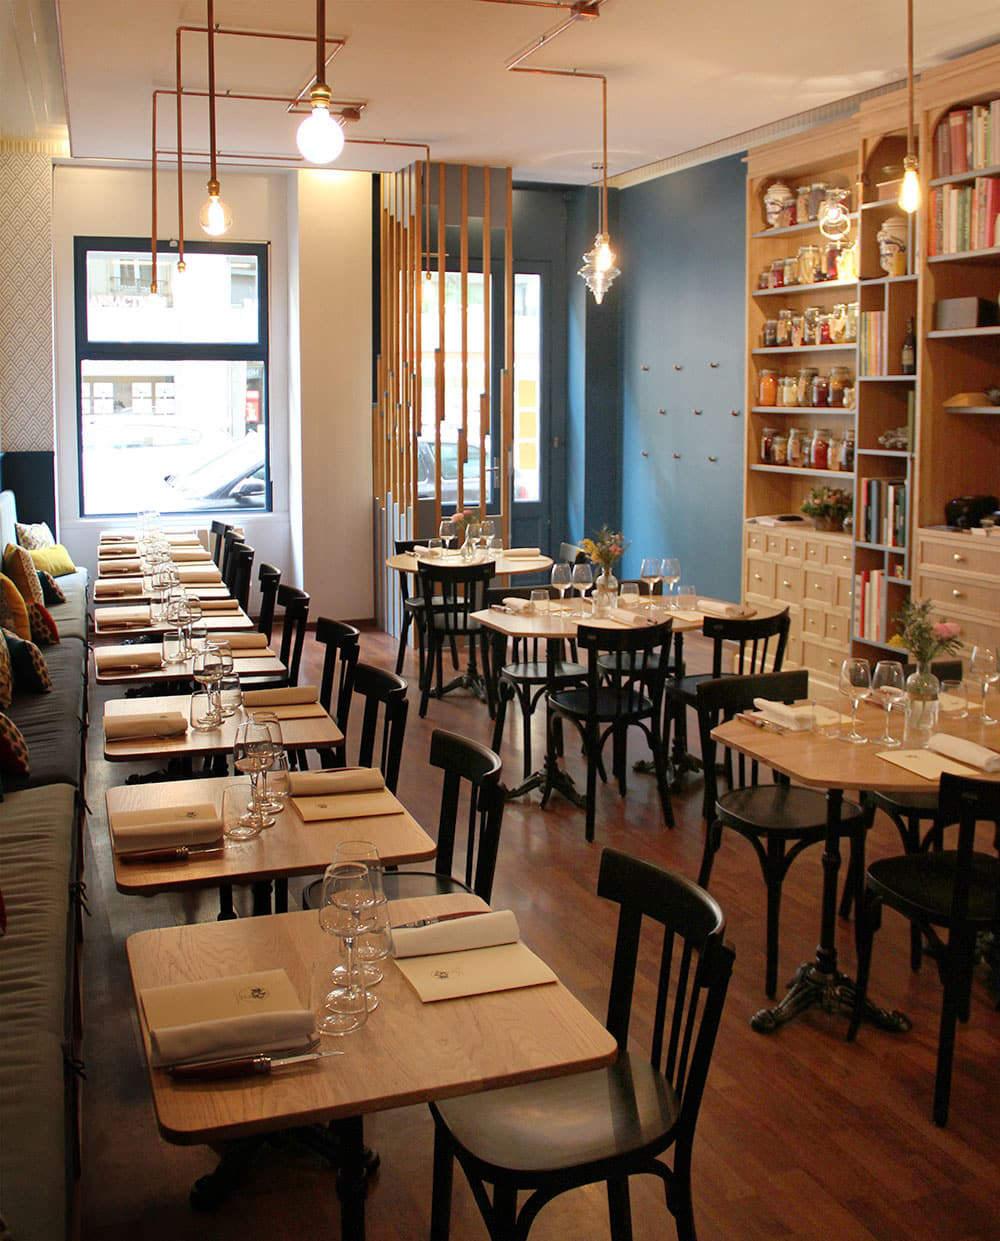 Restaurant : Les Apothicaires Lyon - crédits photos : geekandfood